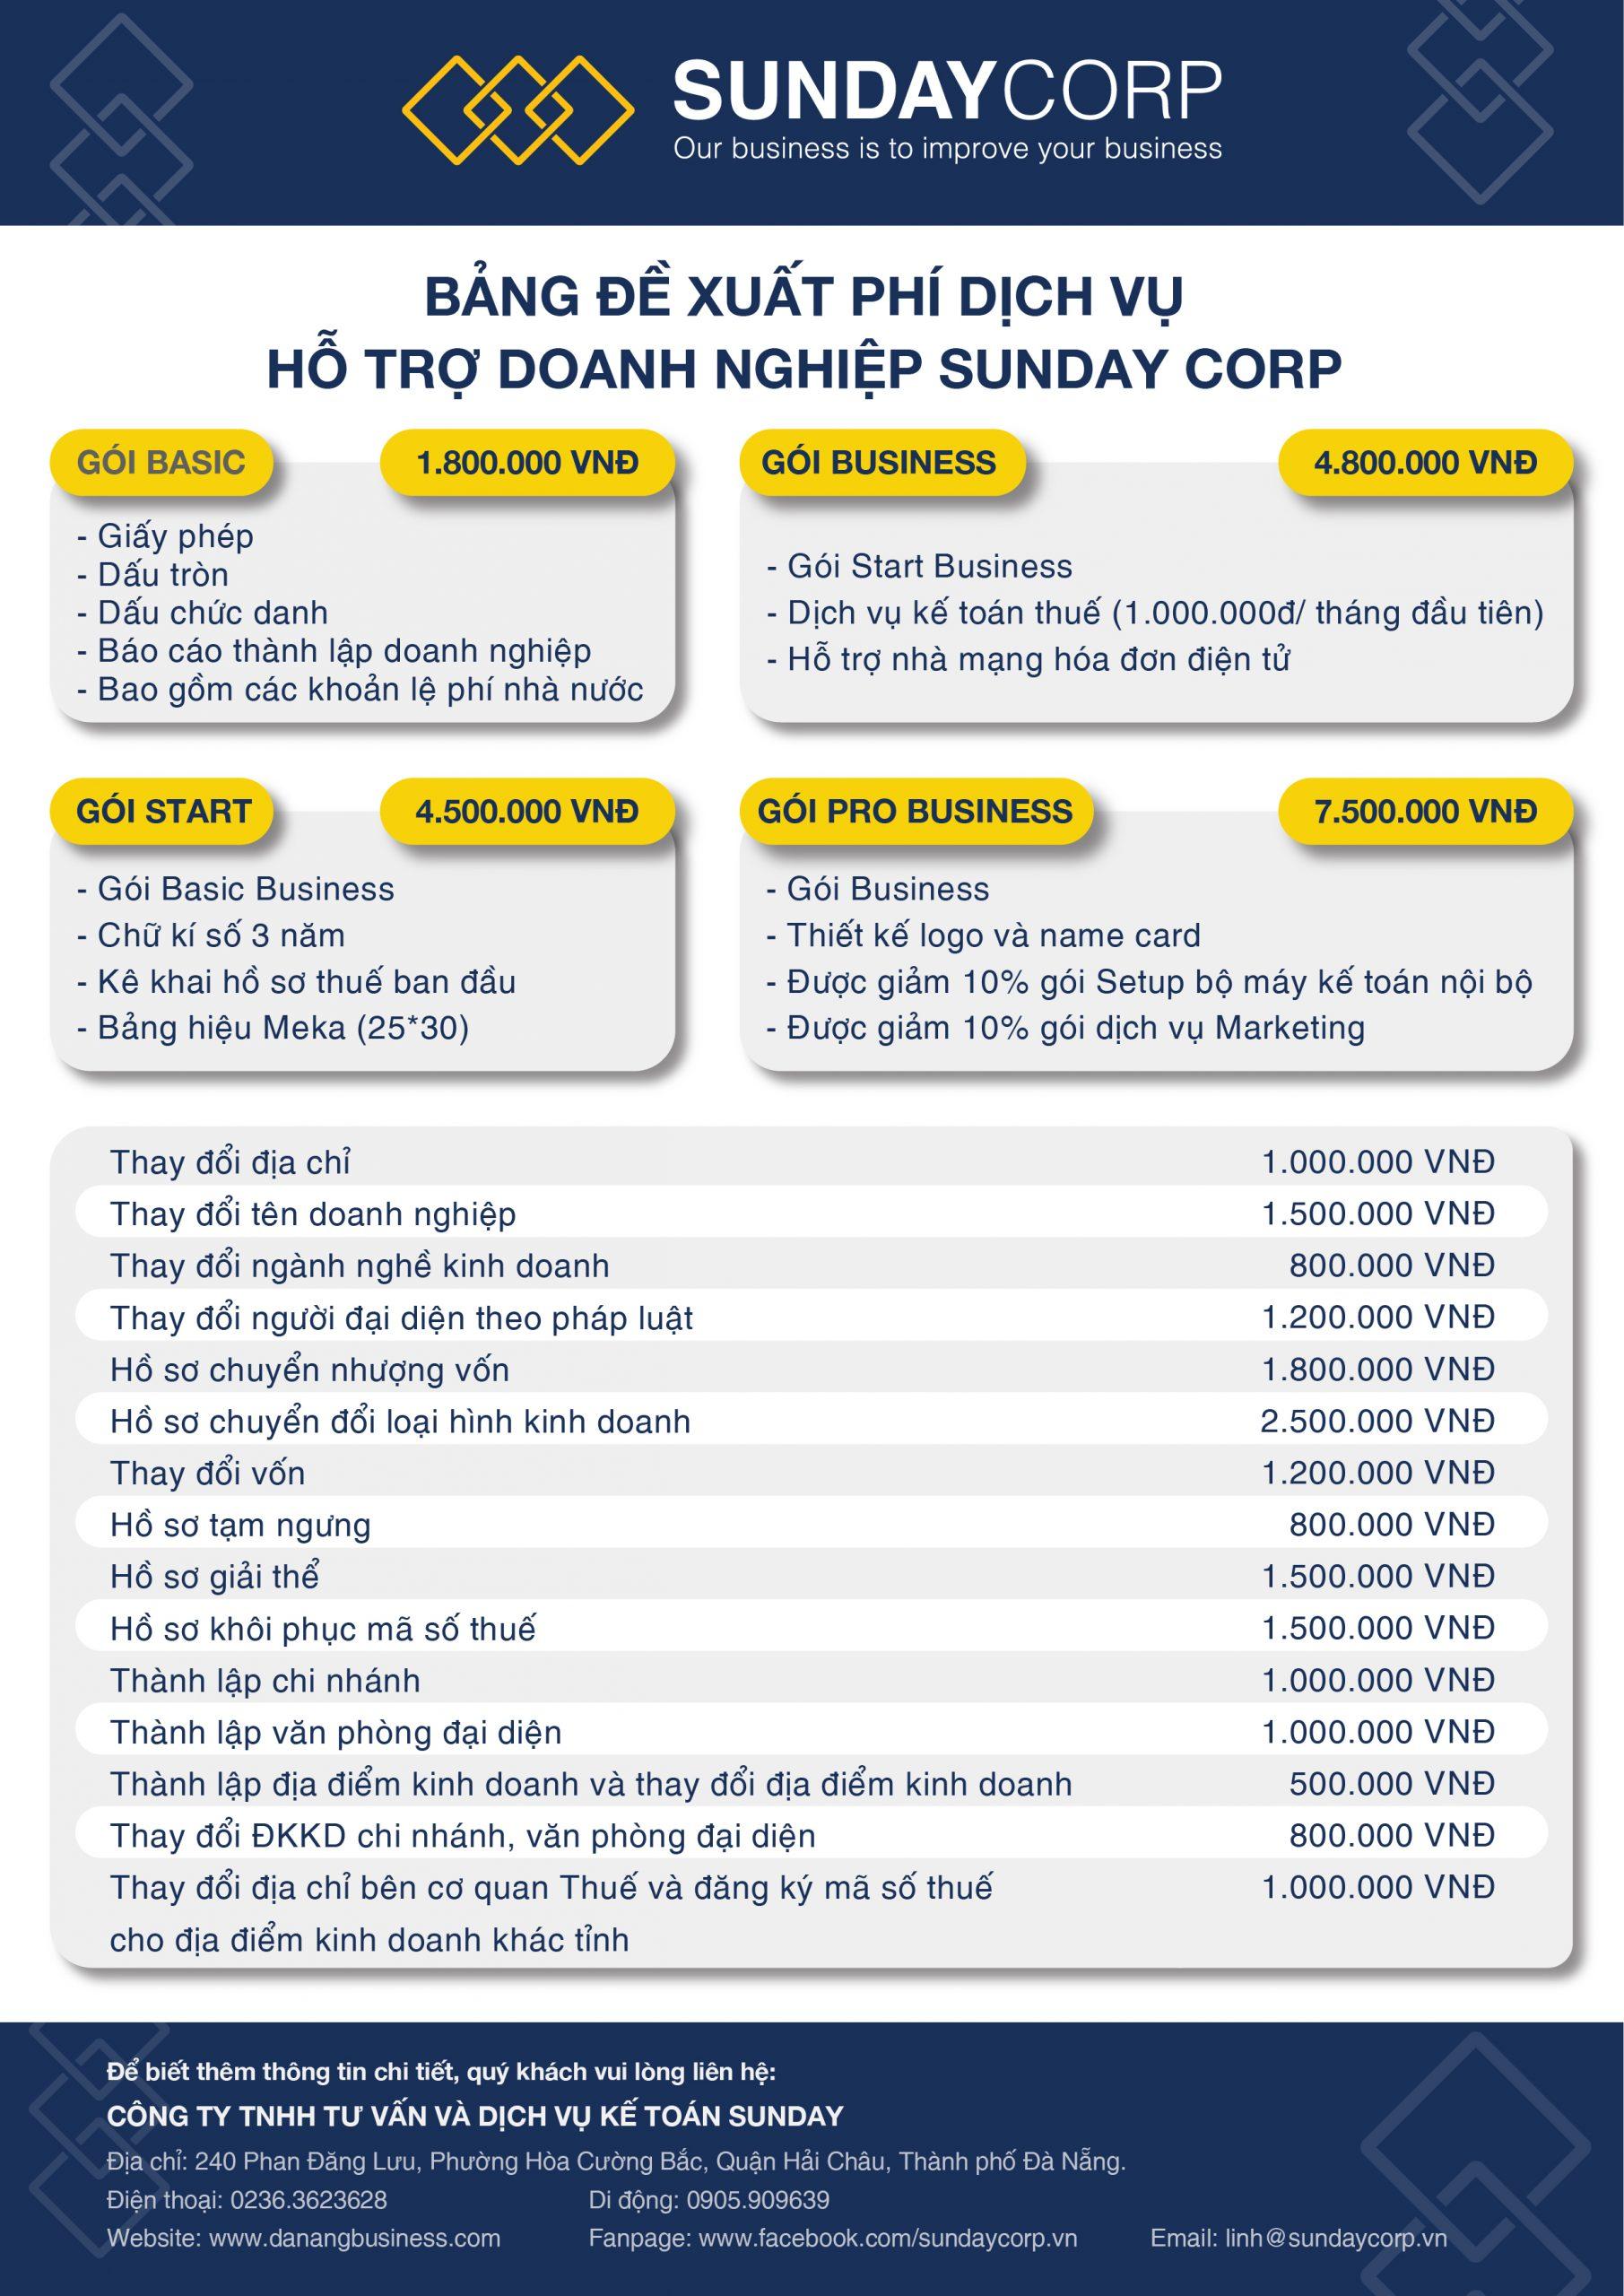 Bảng giá dịch vụ hỗ trợ doanh nghiệp tại Sunday Corp